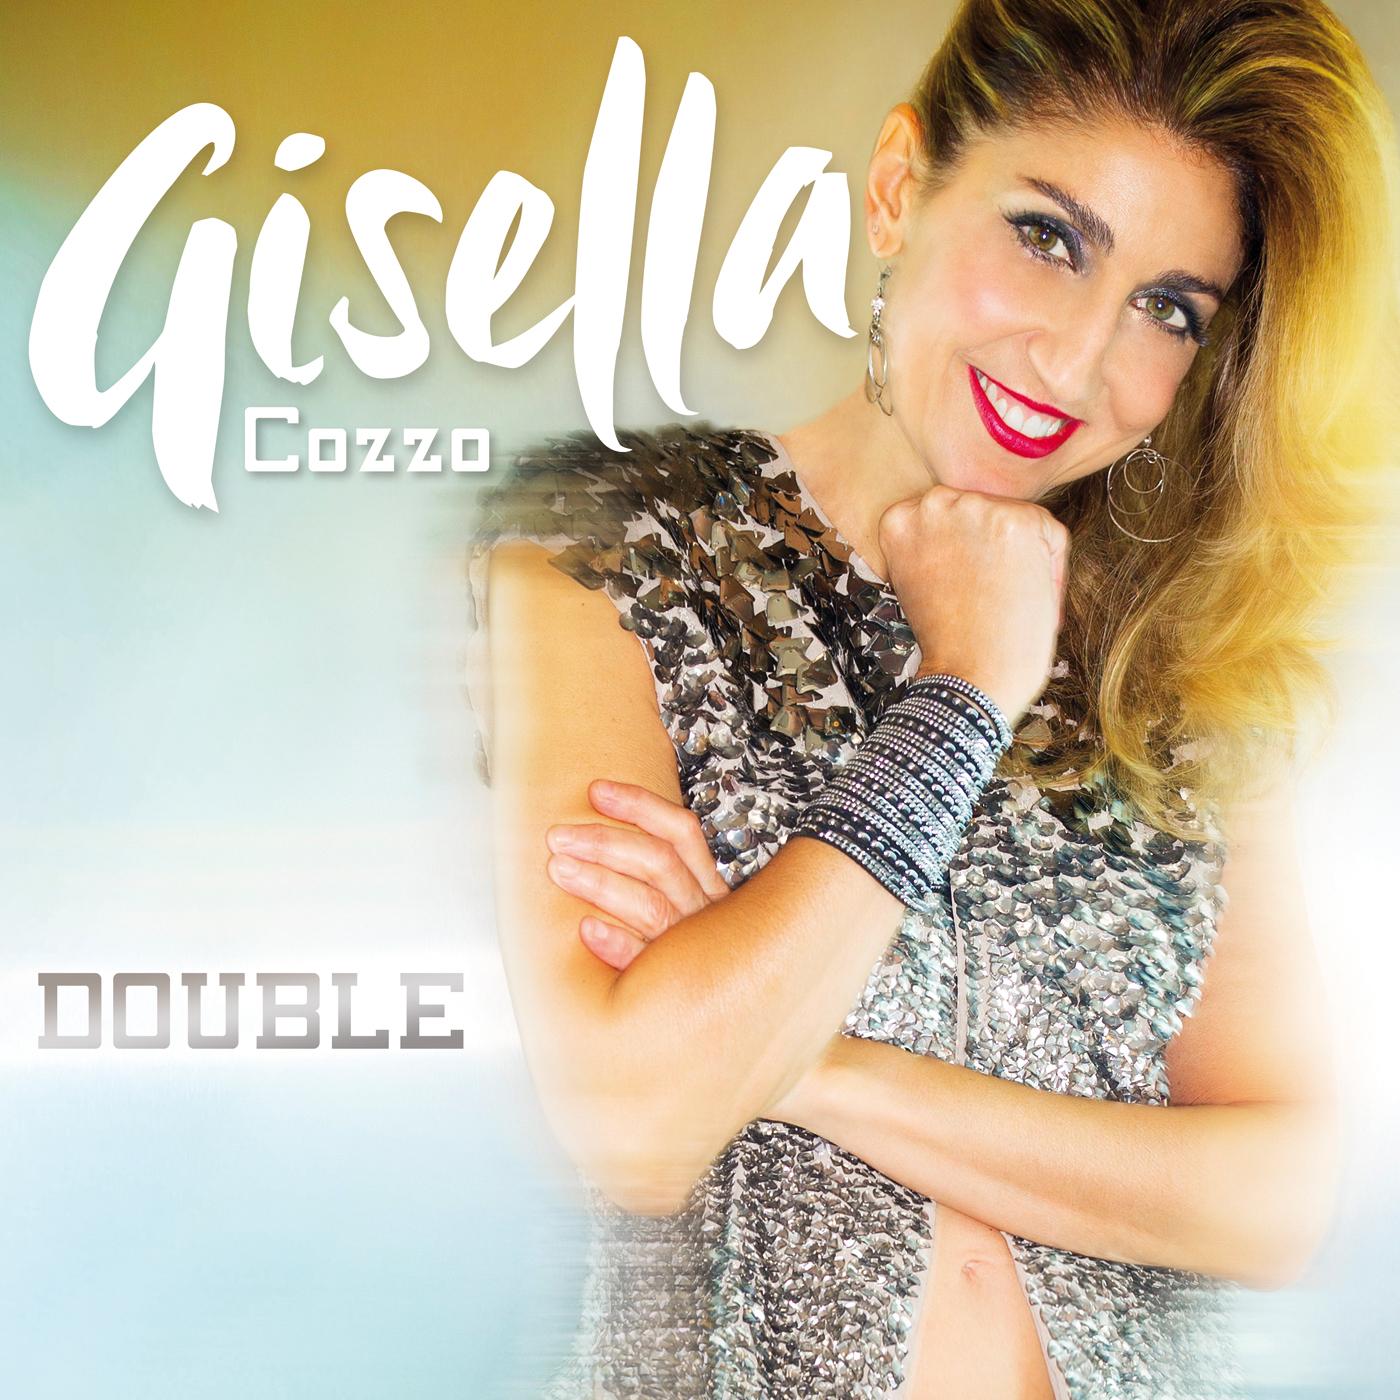 DOUBLE: la doppia anima di Gisella Cozzo in un nuovo album